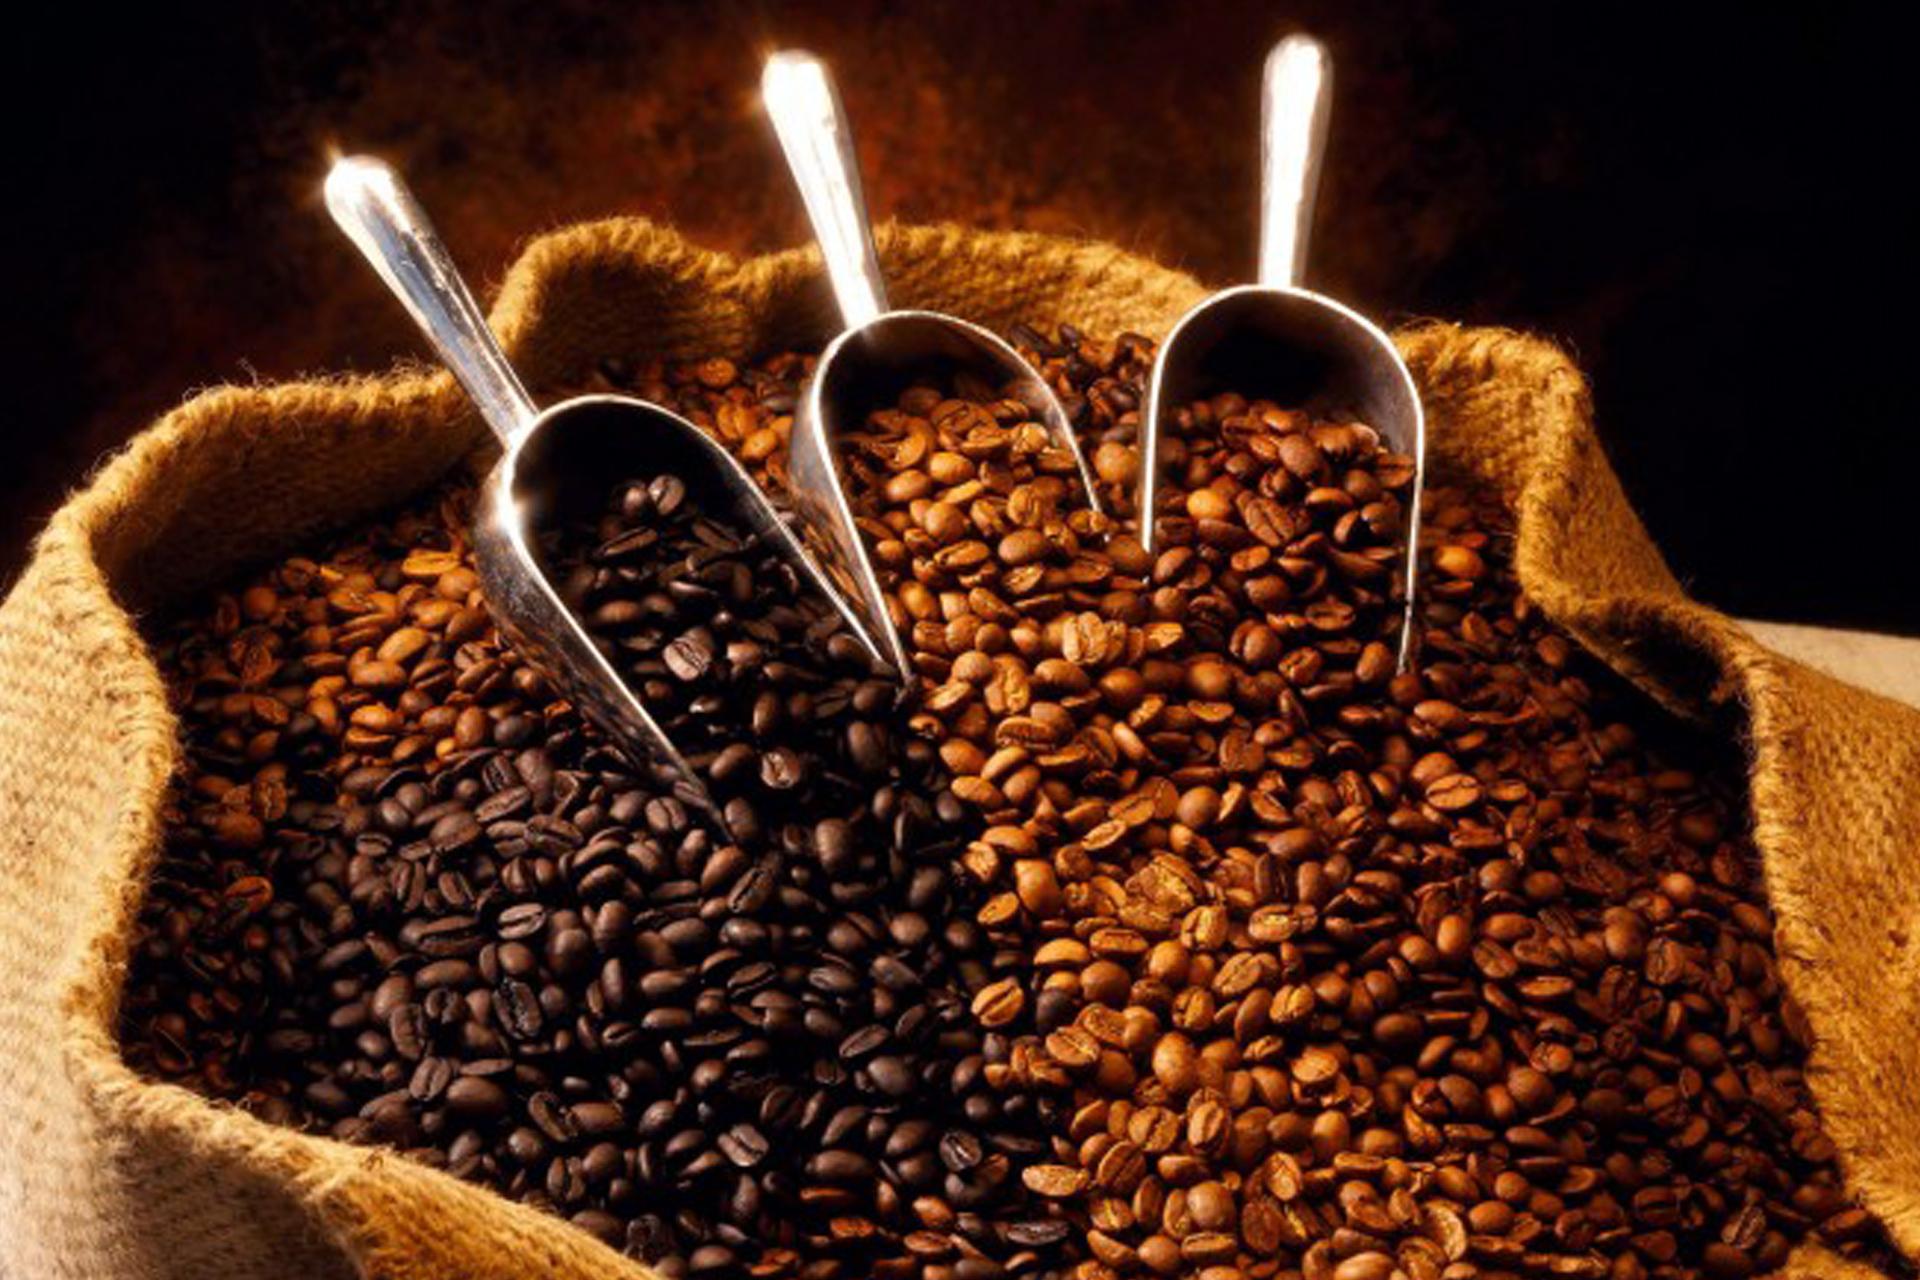 El particular sabor del café de Veracruz se debe a su cultivo en suelos volcánicos.